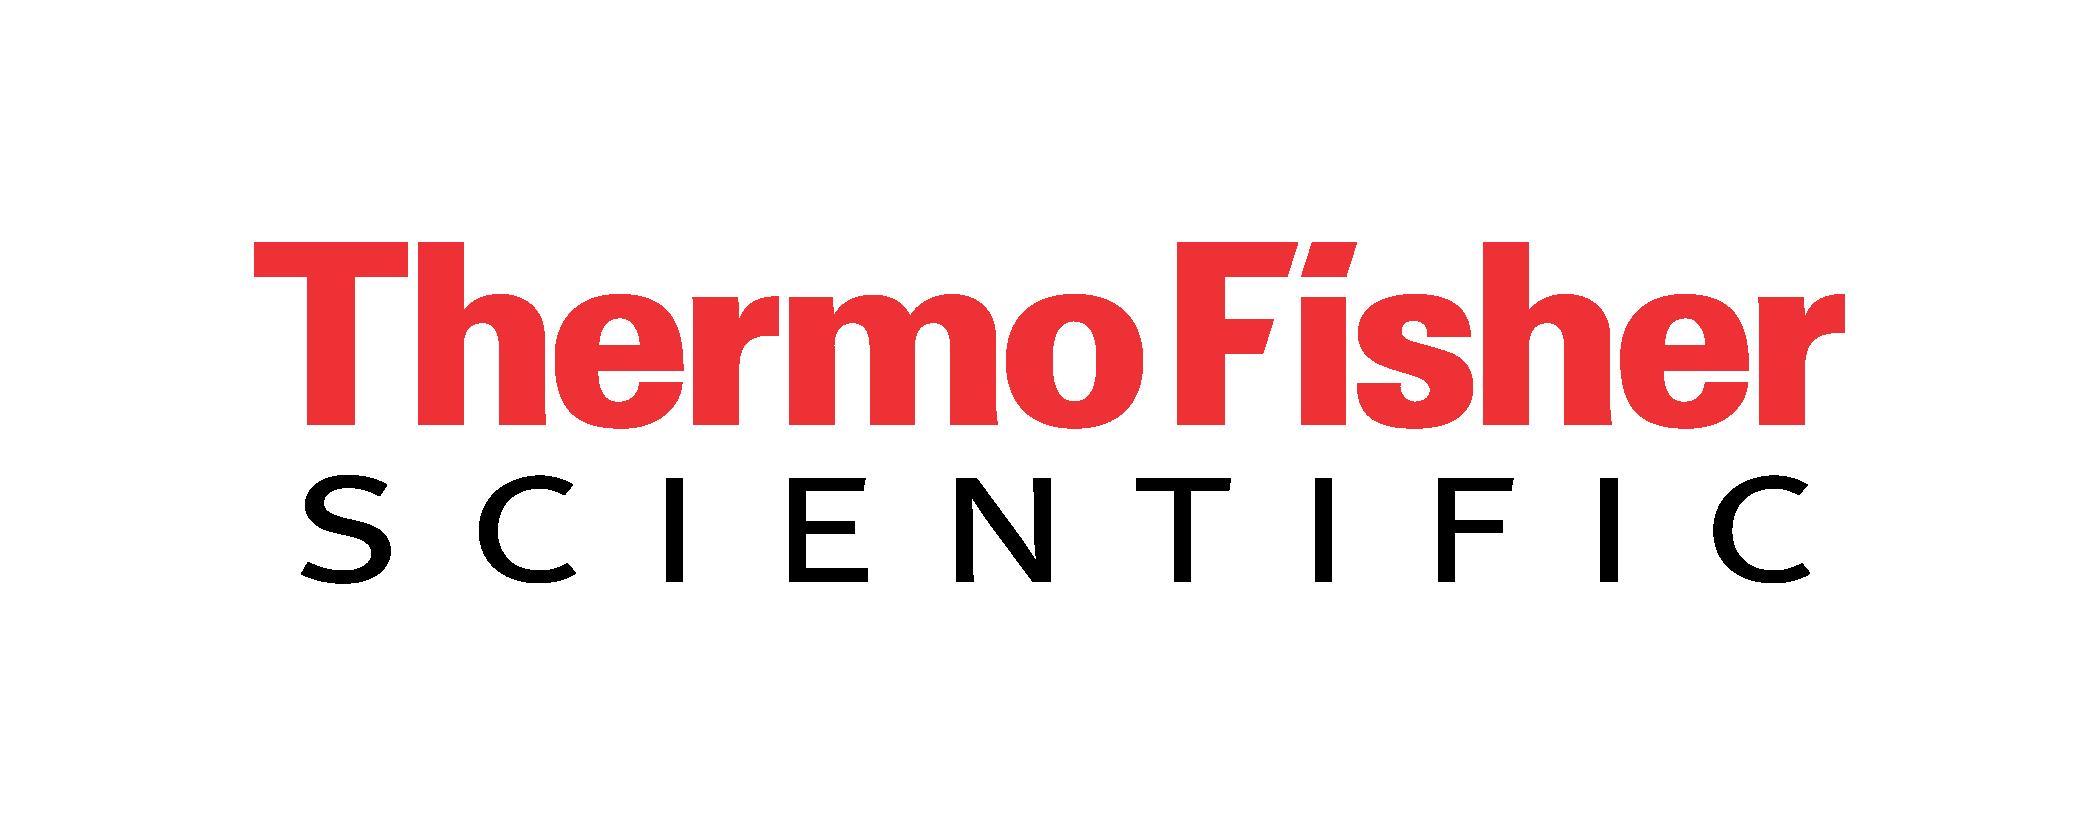 Thermo Fisher Scientific